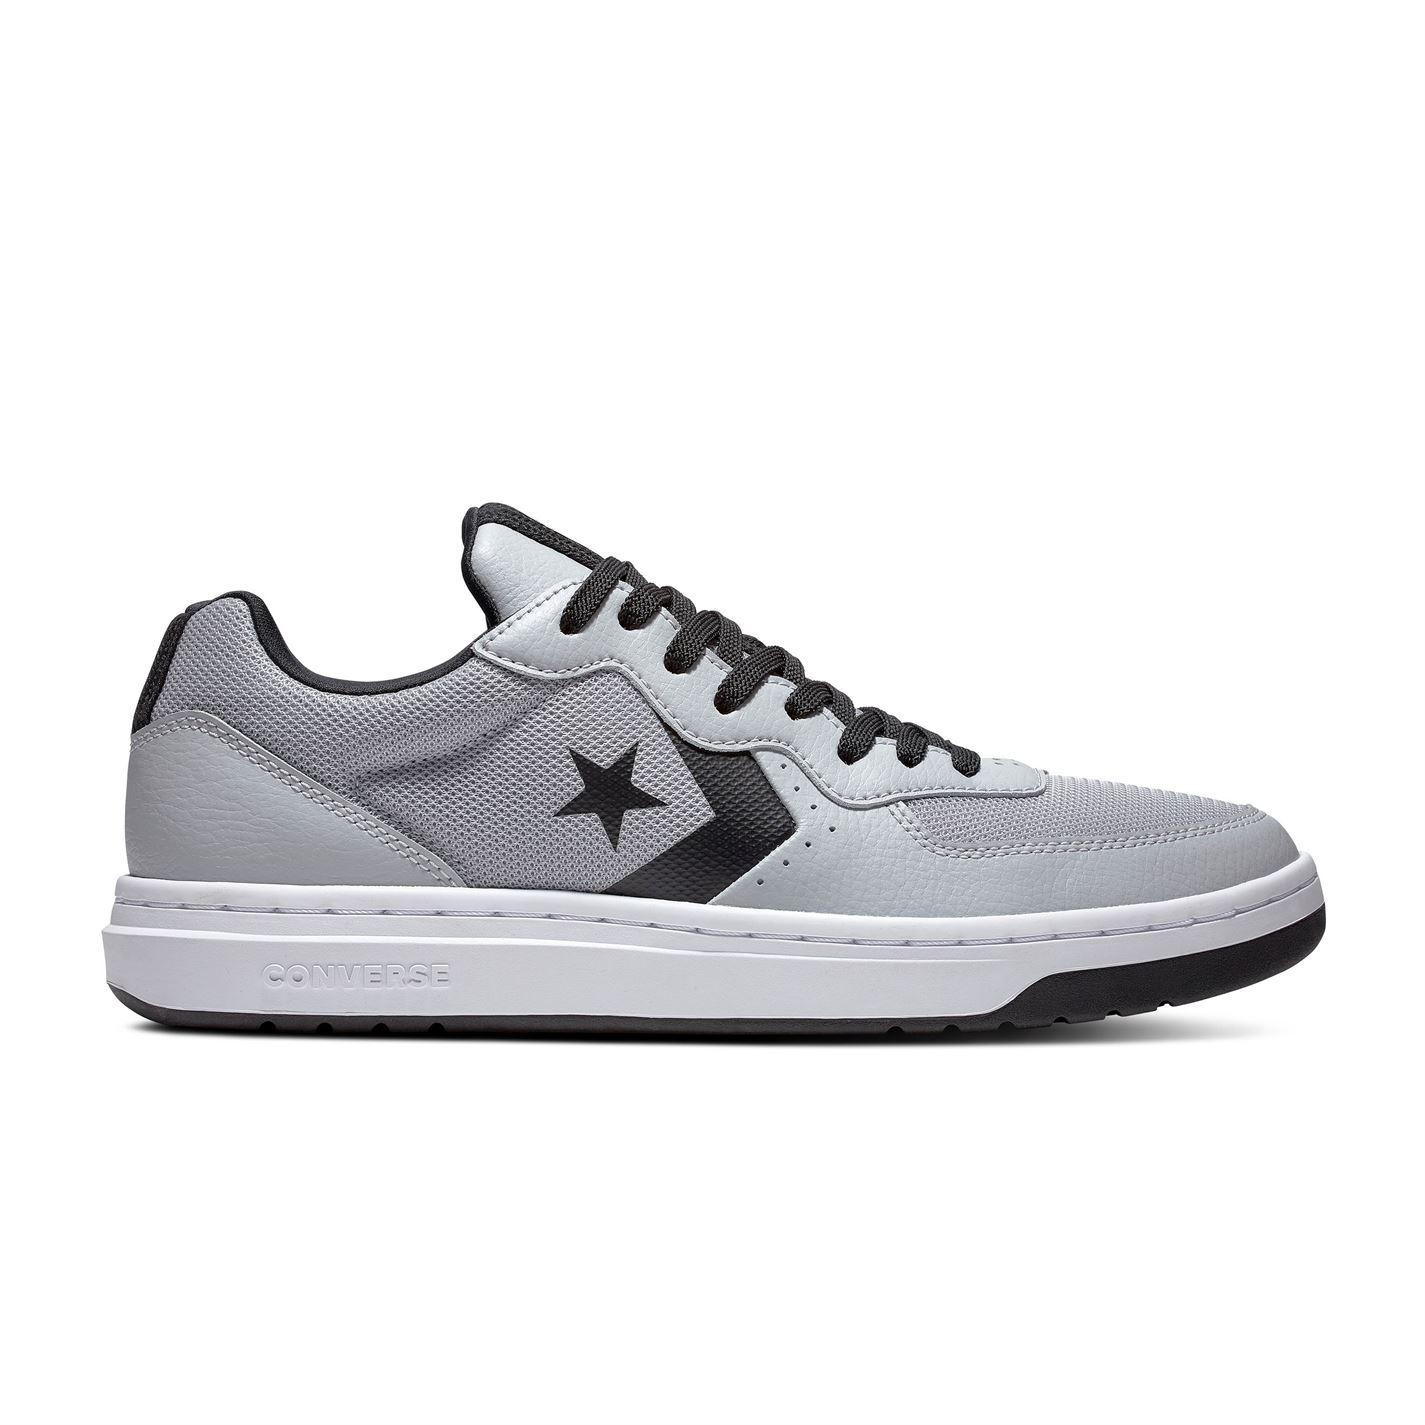 Converse-Rival-Baskets-Pour-Homme-Chaussures-De-Loisirs-Chaussures-Baskets miniature 25